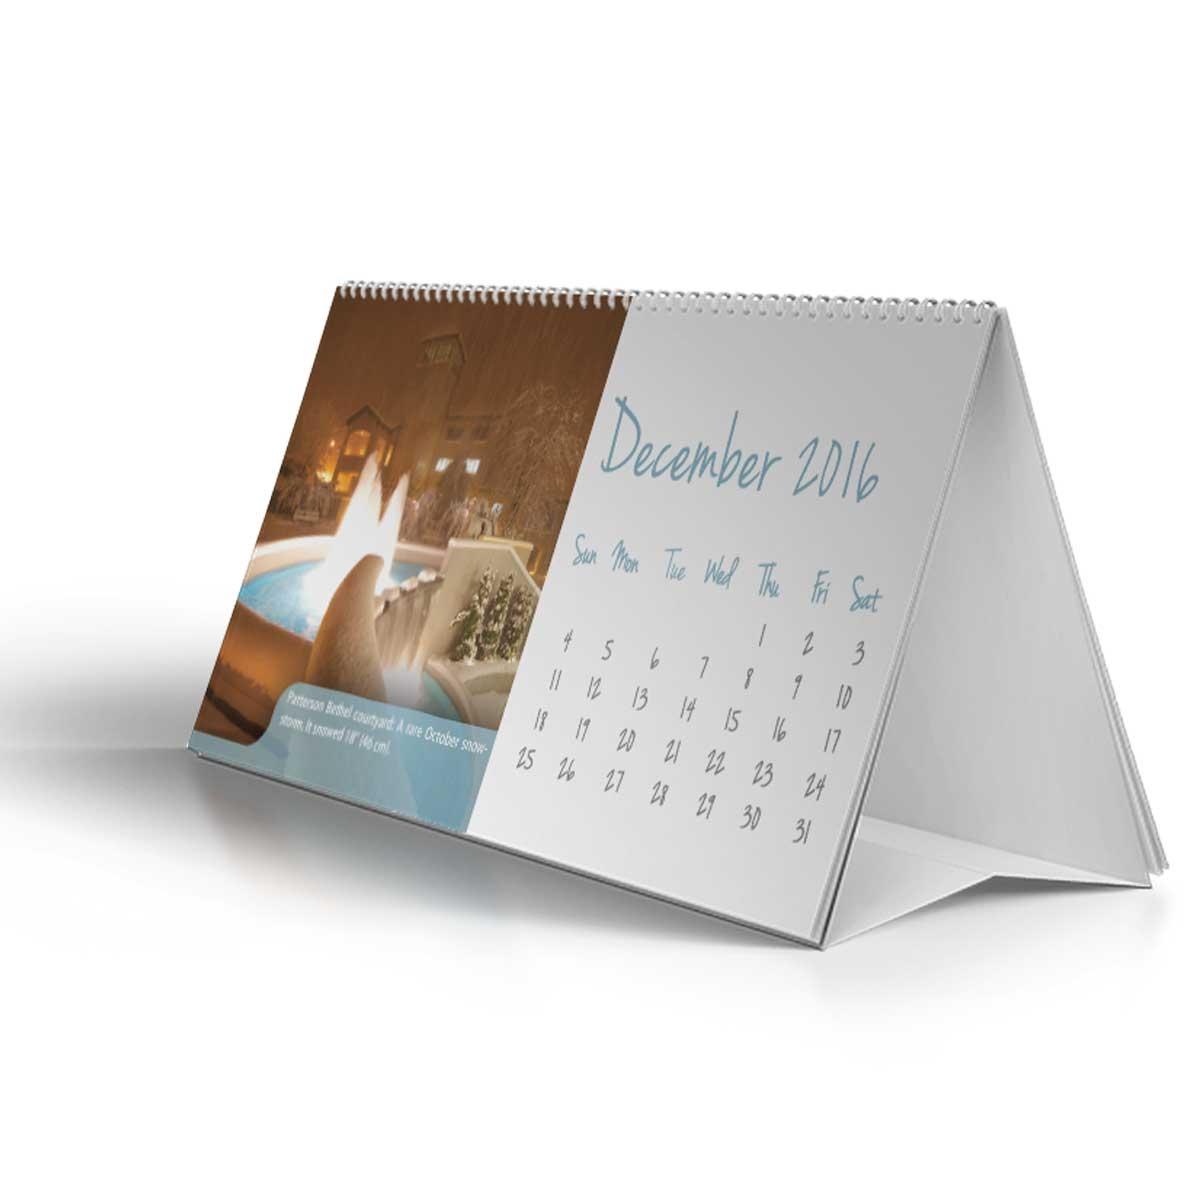 2016 2017 16 month desk calendar featuring new york bethels